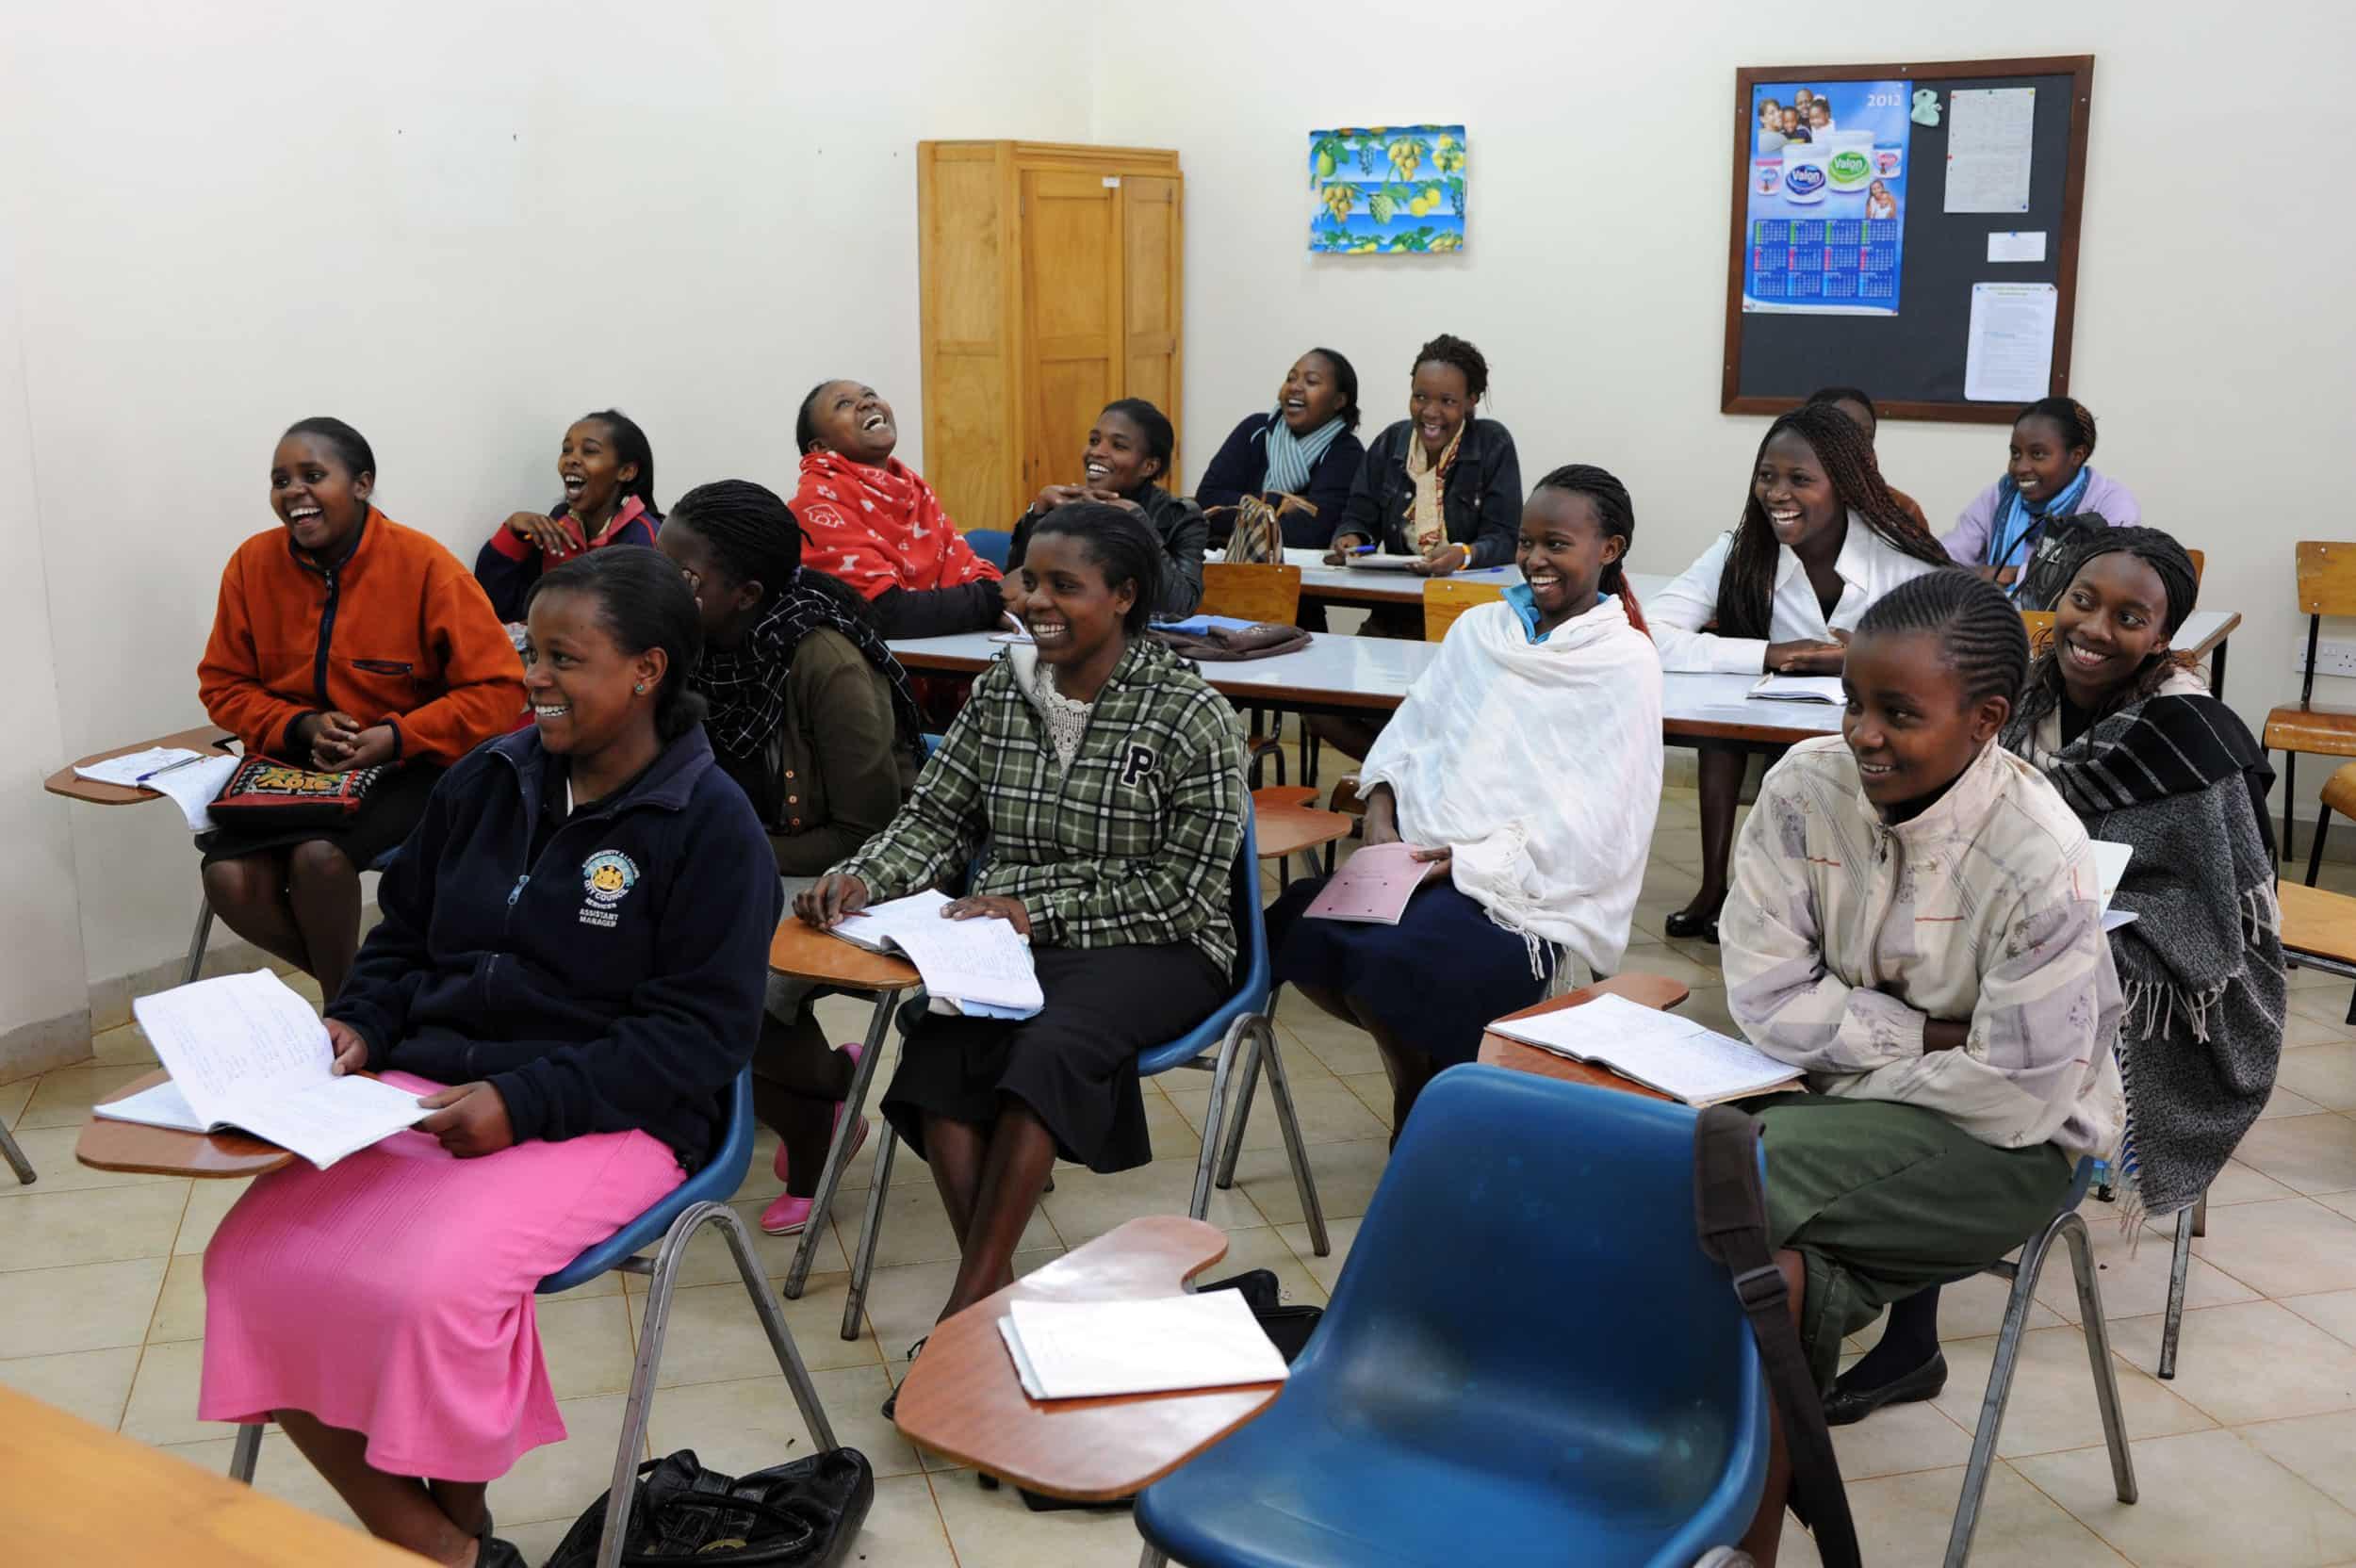 Programa de formación para mujeres jóvenes de Johannesburgo